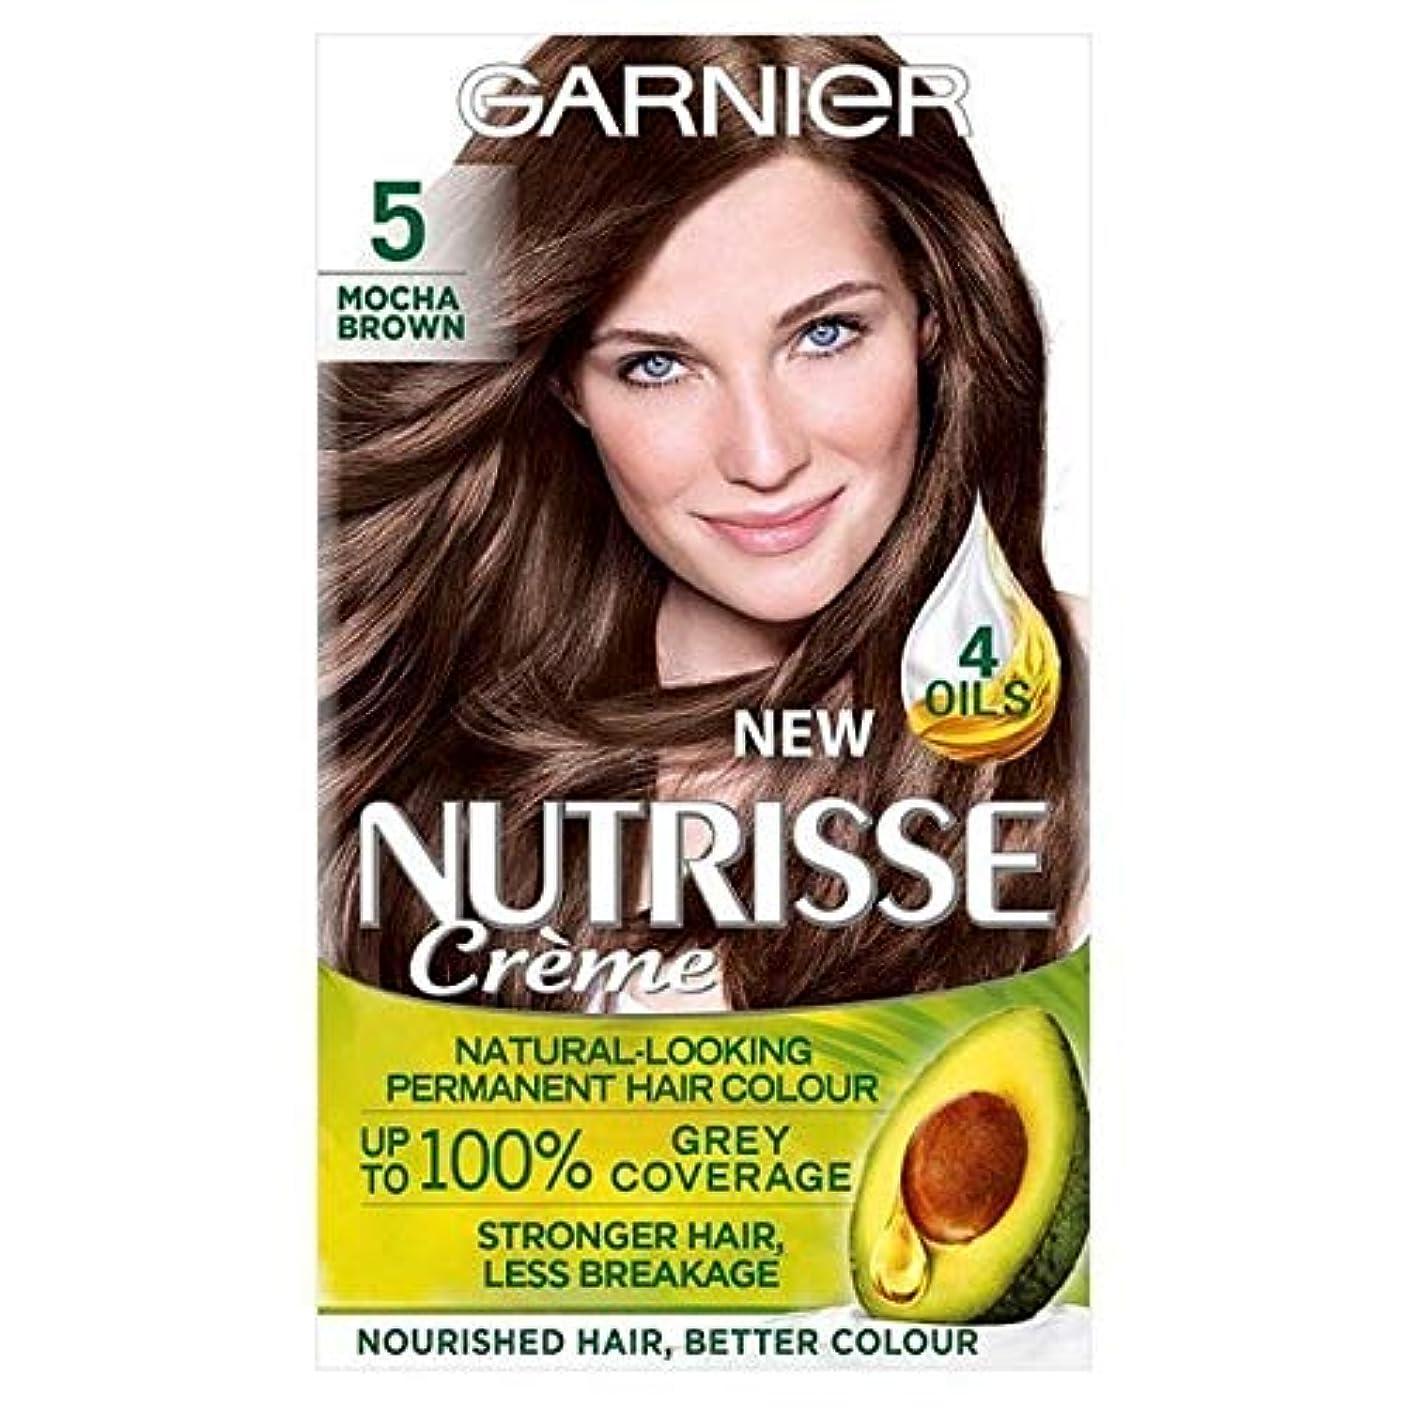 アコード論理的アスレチック[Garnier ] ガルニエNutrisse永久的な毛髪染料ブラウン5 - Garnier Nutrisse Permanent Hair Dye Brown 5 [並行輸入品]